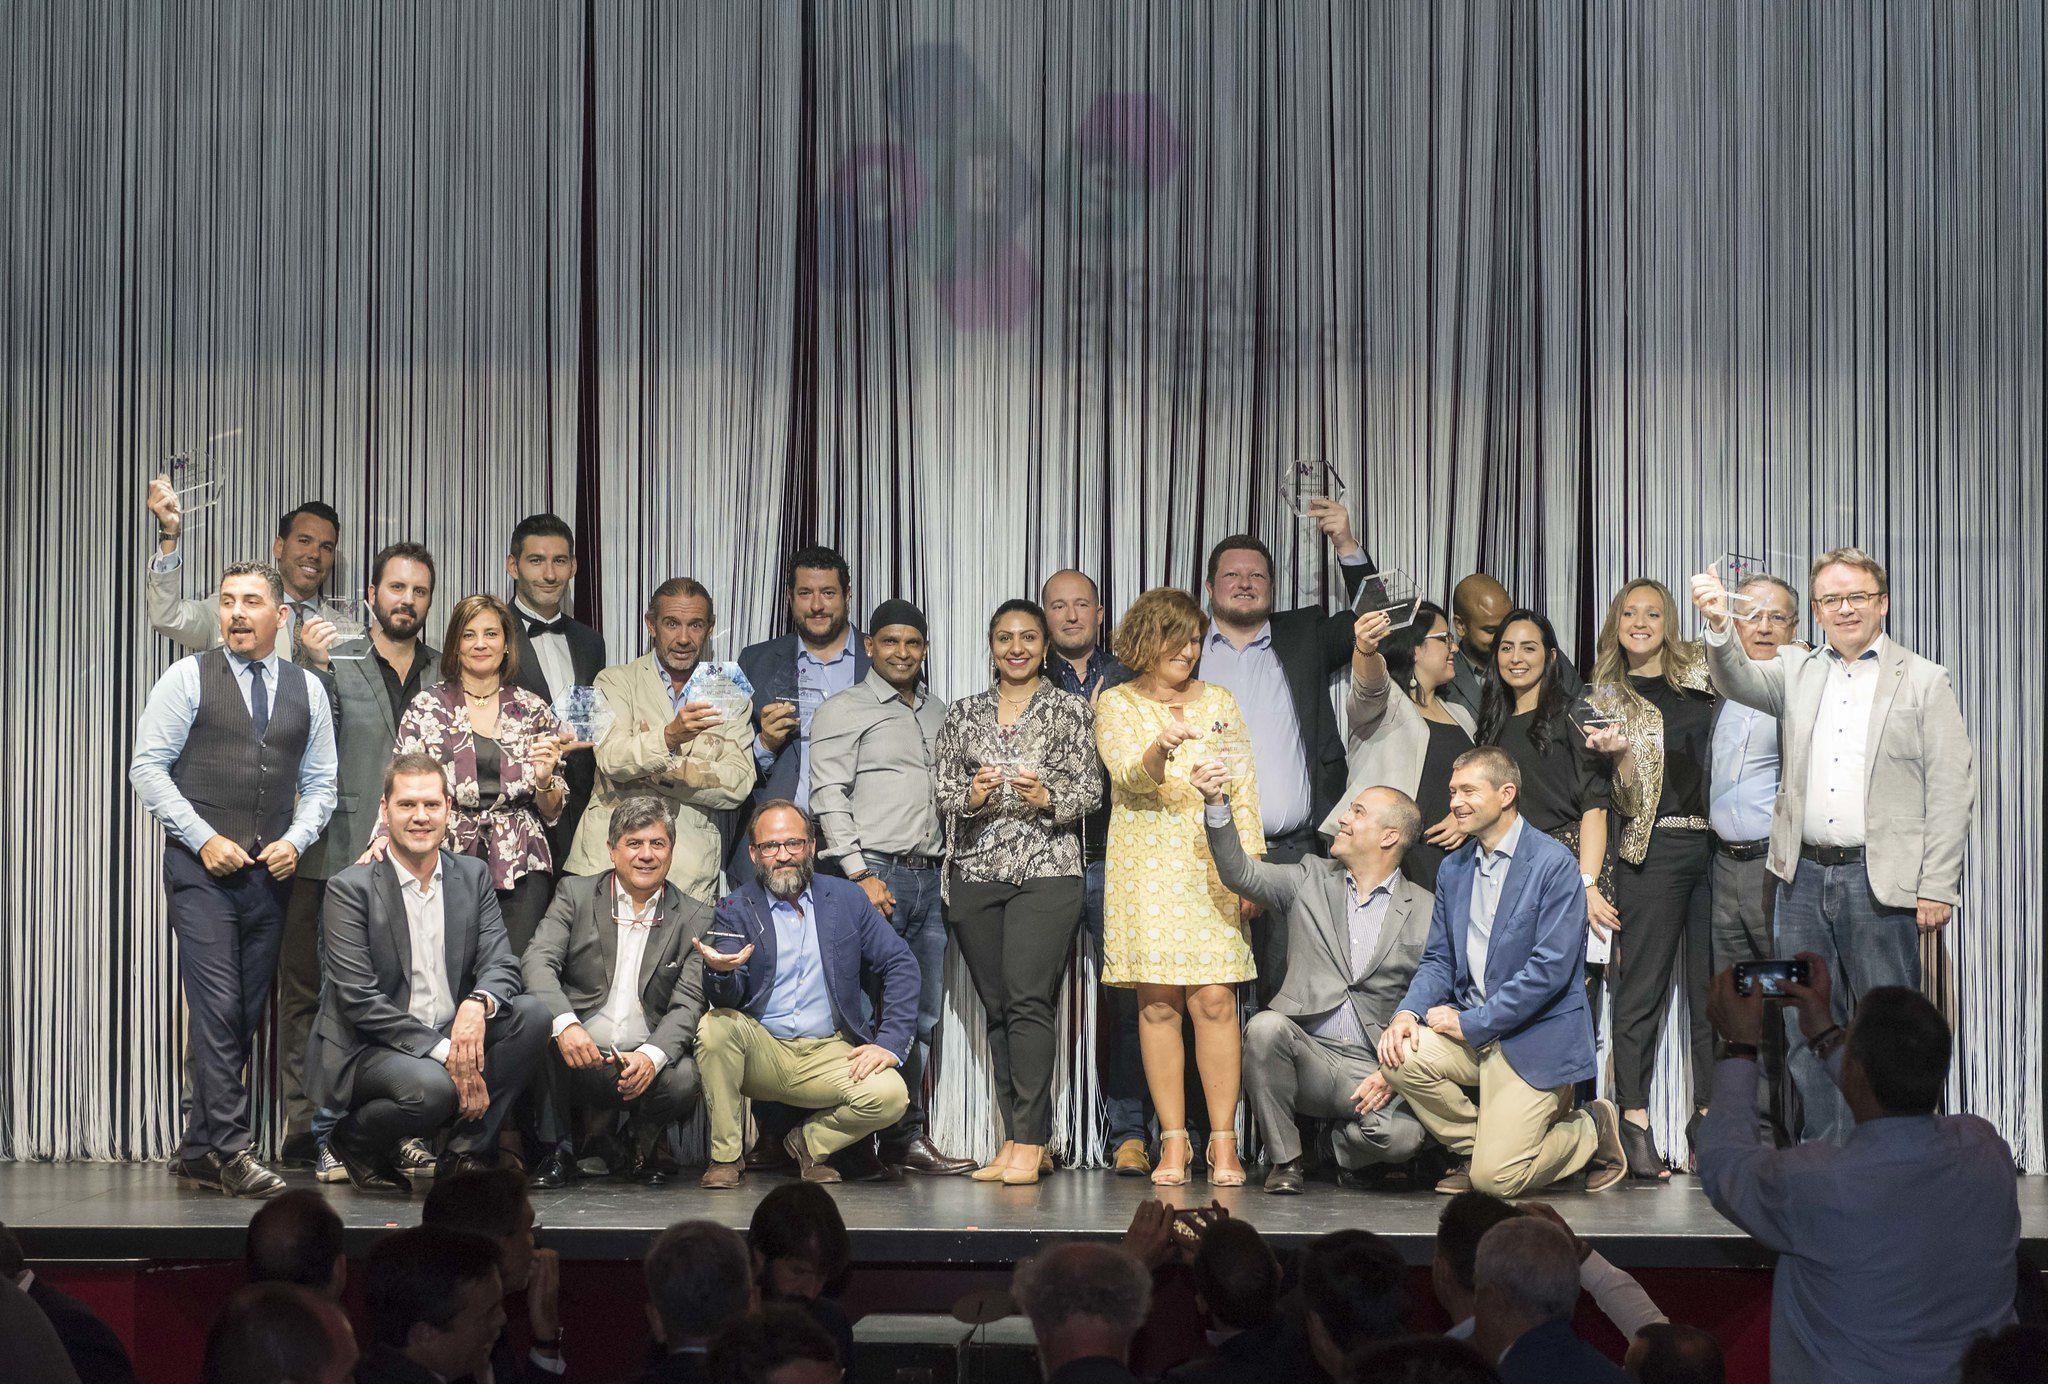 TIS busca las iniciativas más innovadoras en el sector turístico para los Tourism Innovation Awards 2020